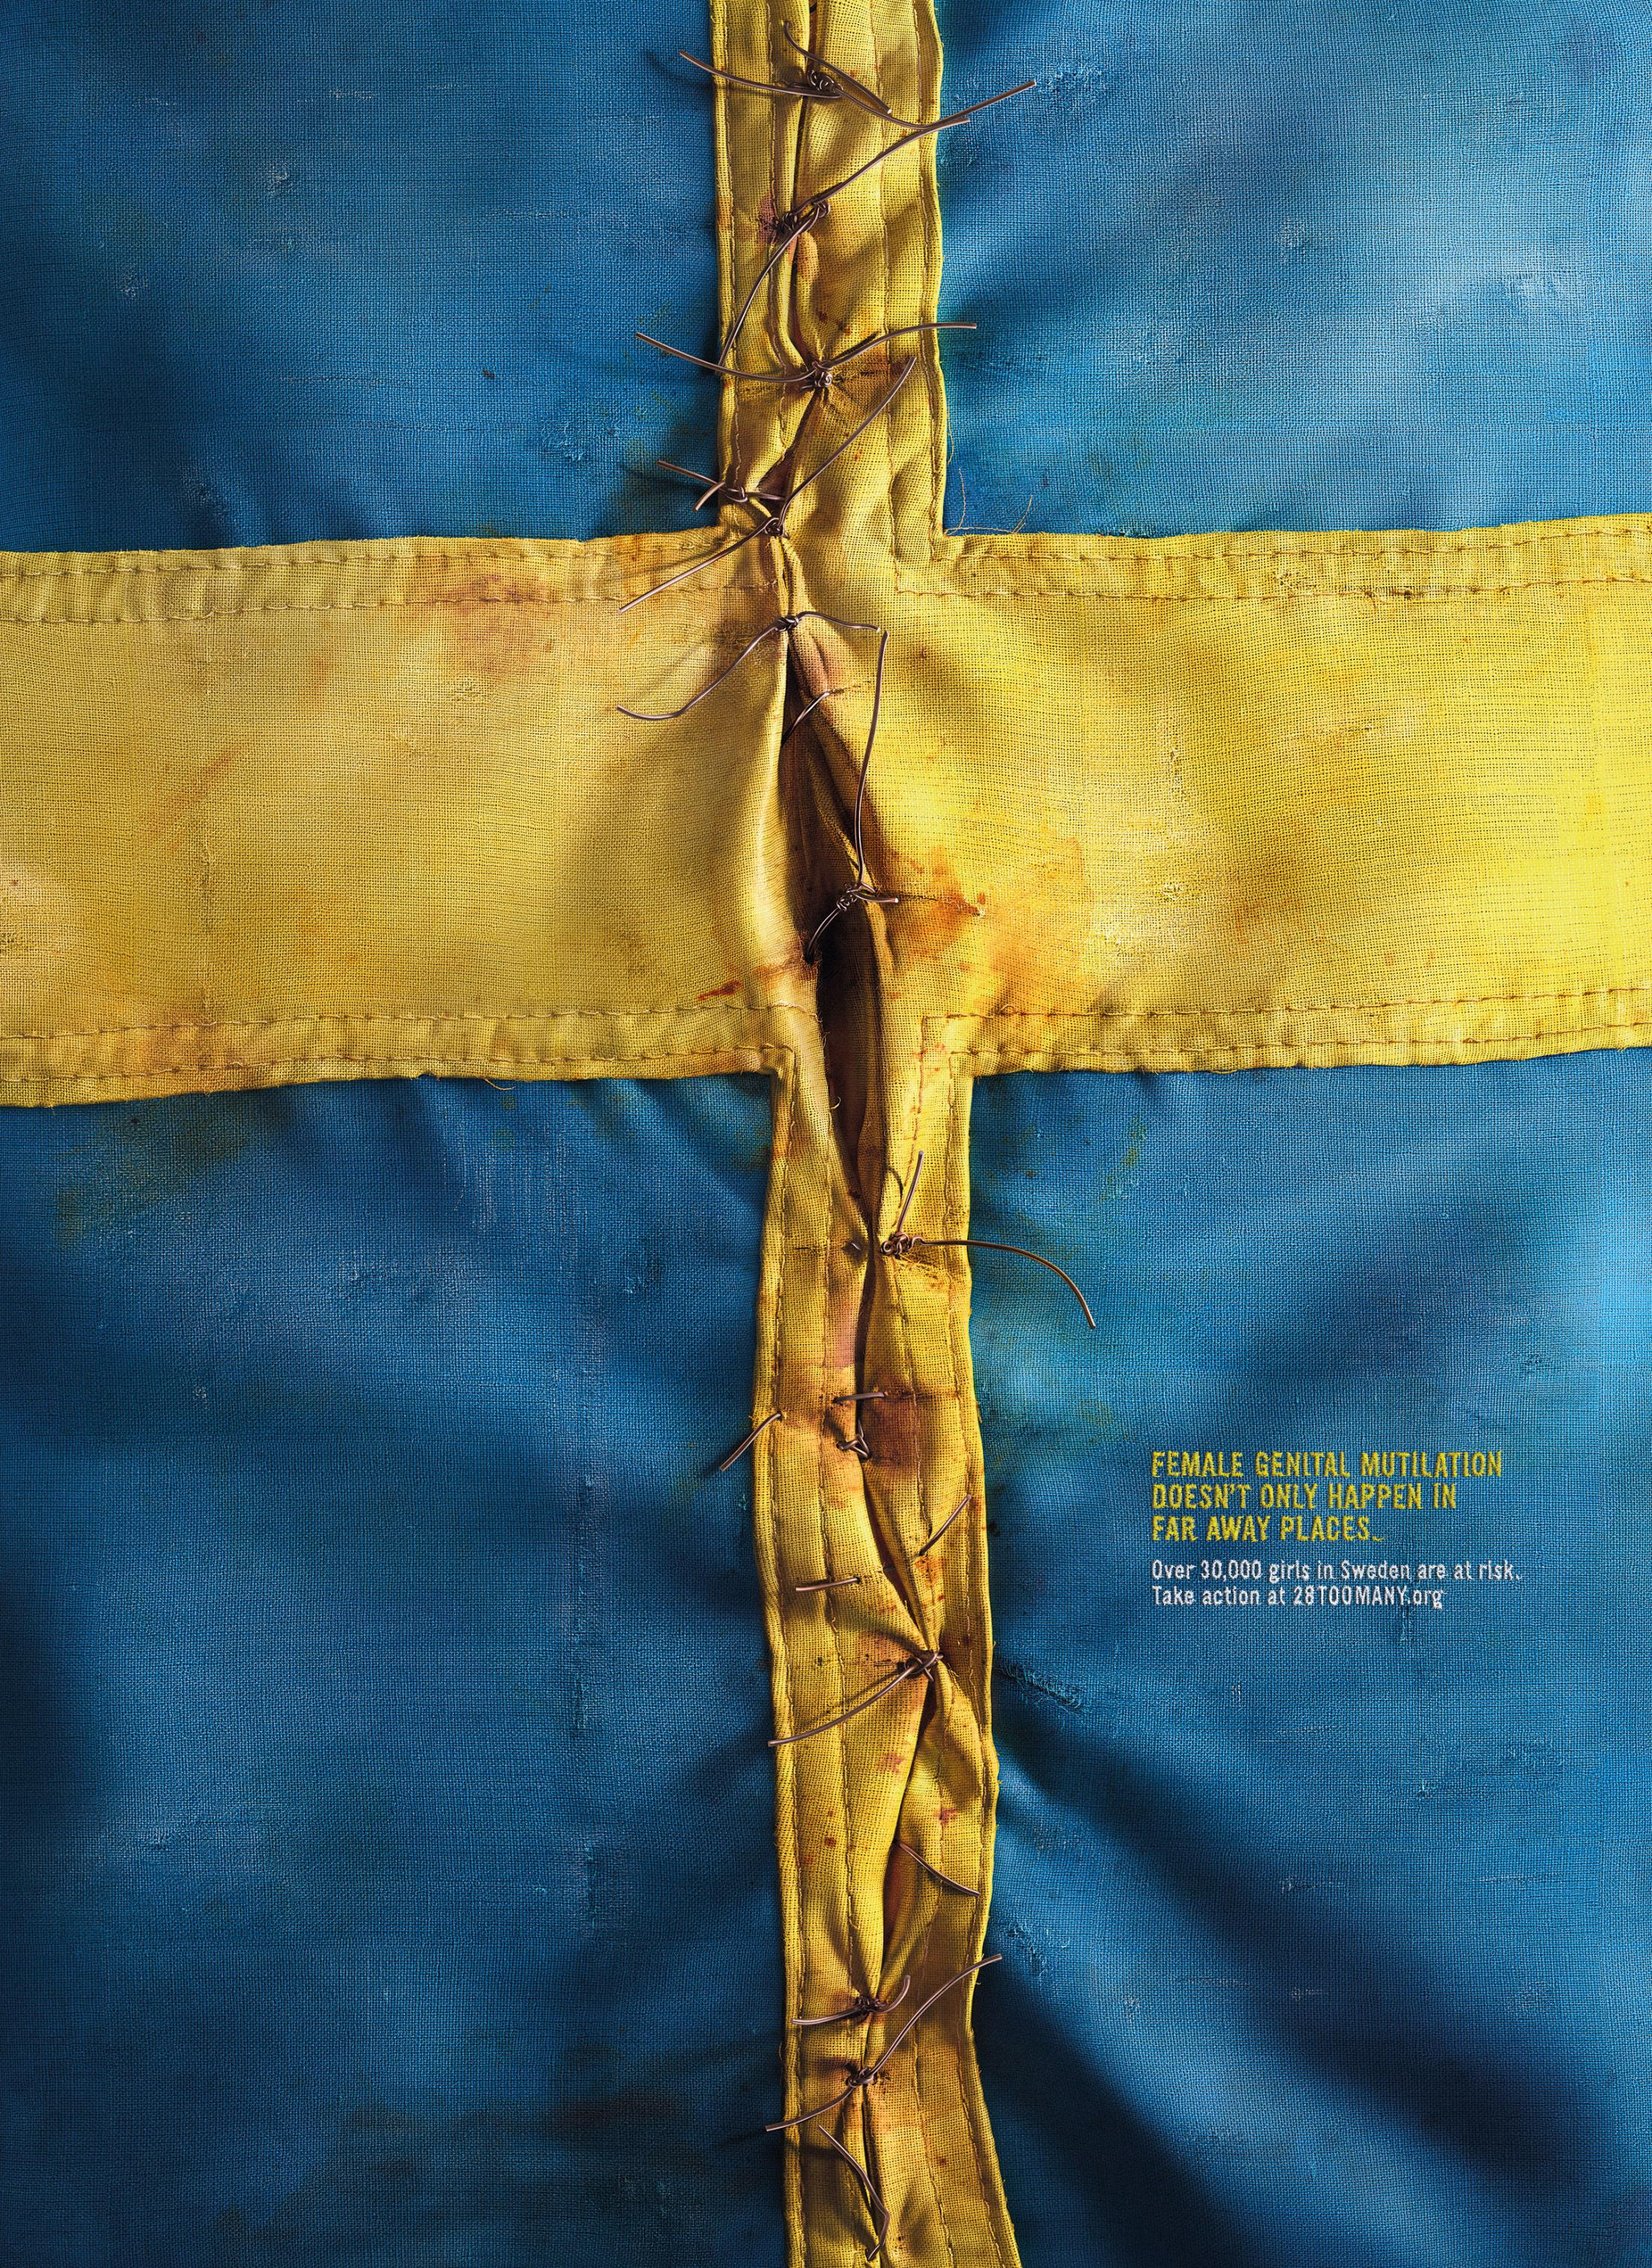 Thumbnail for Sweden